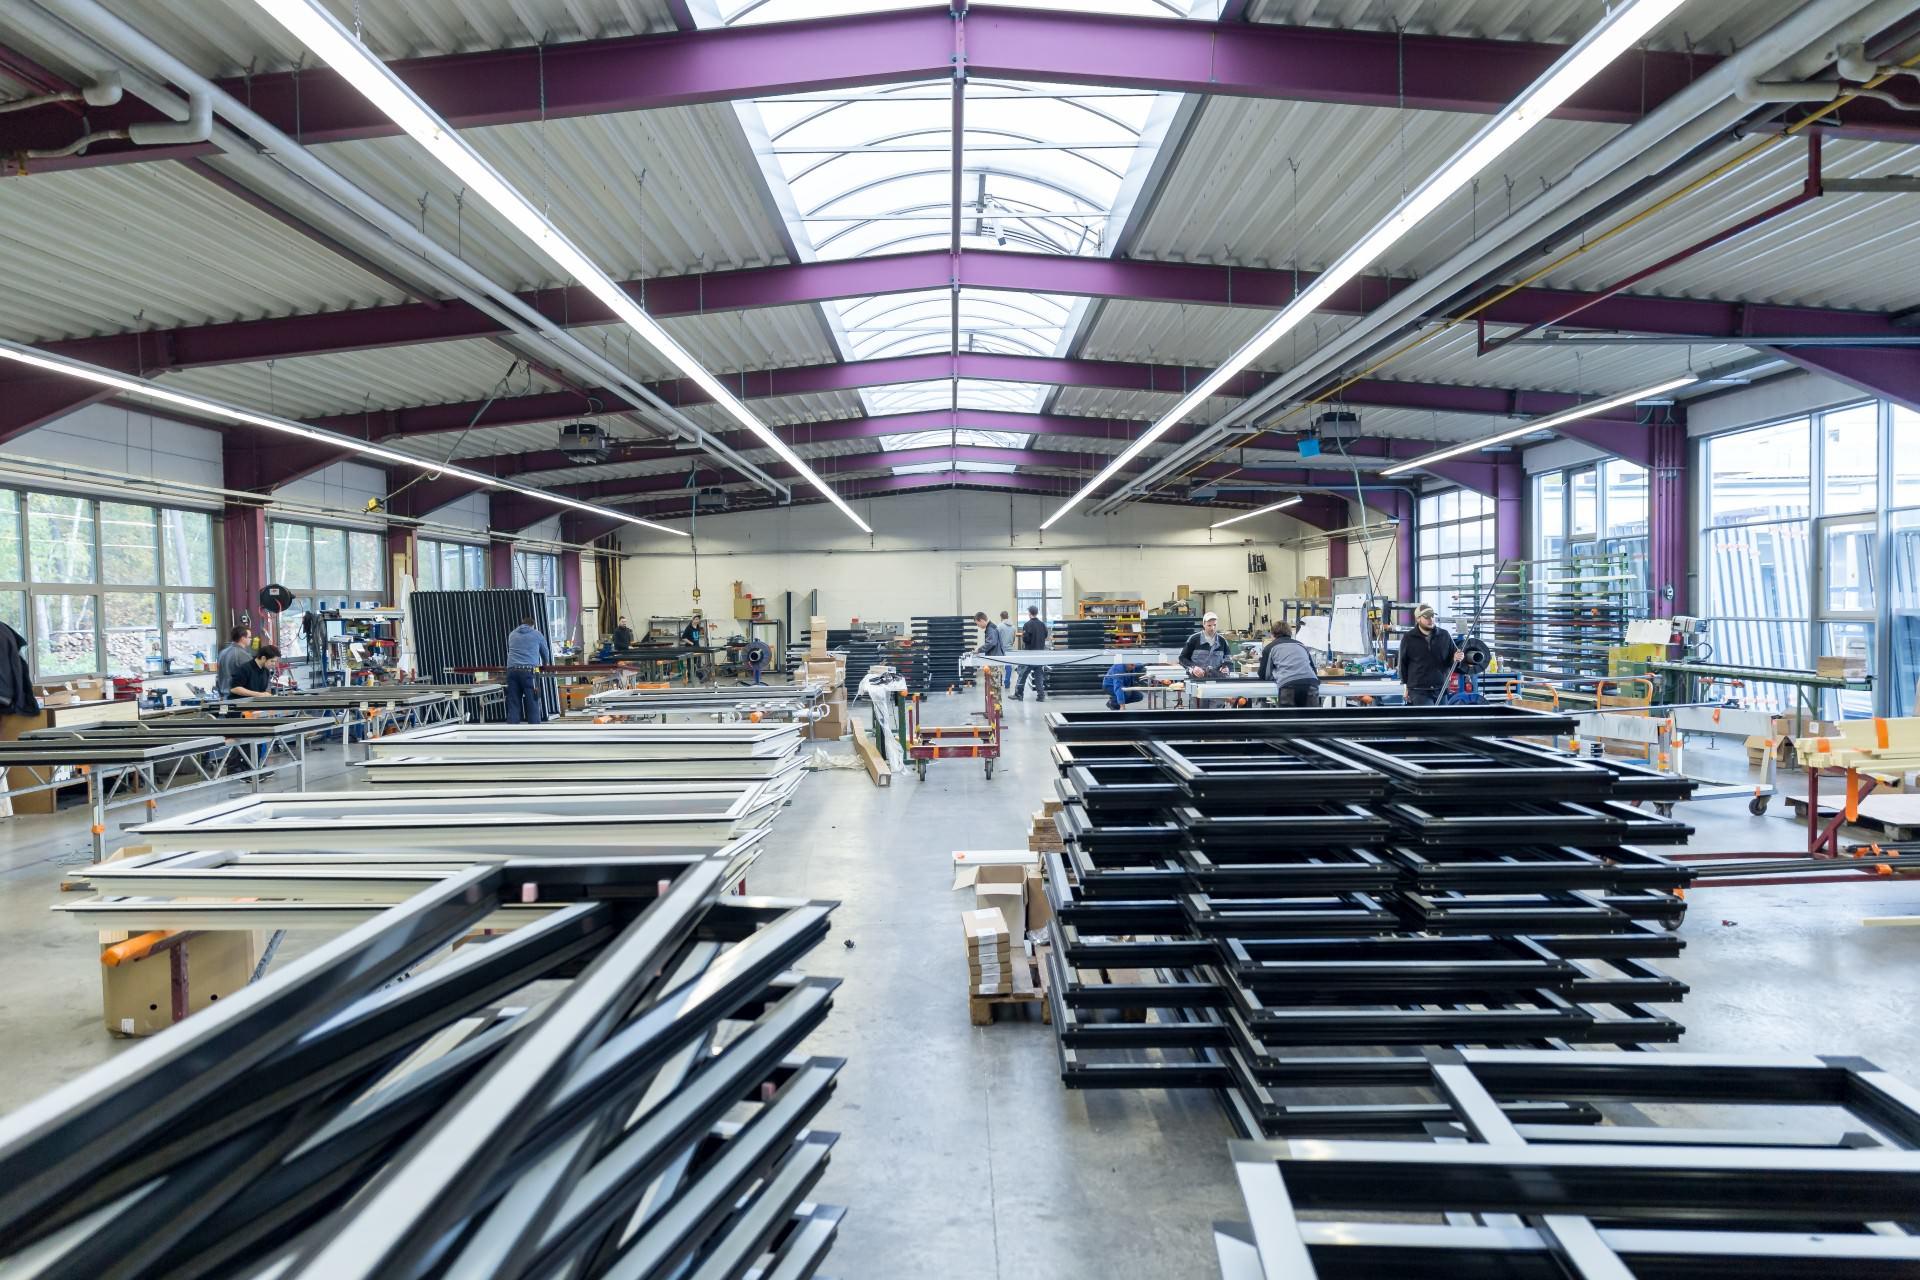 metallbau-korsche-produktionshalle-fenster